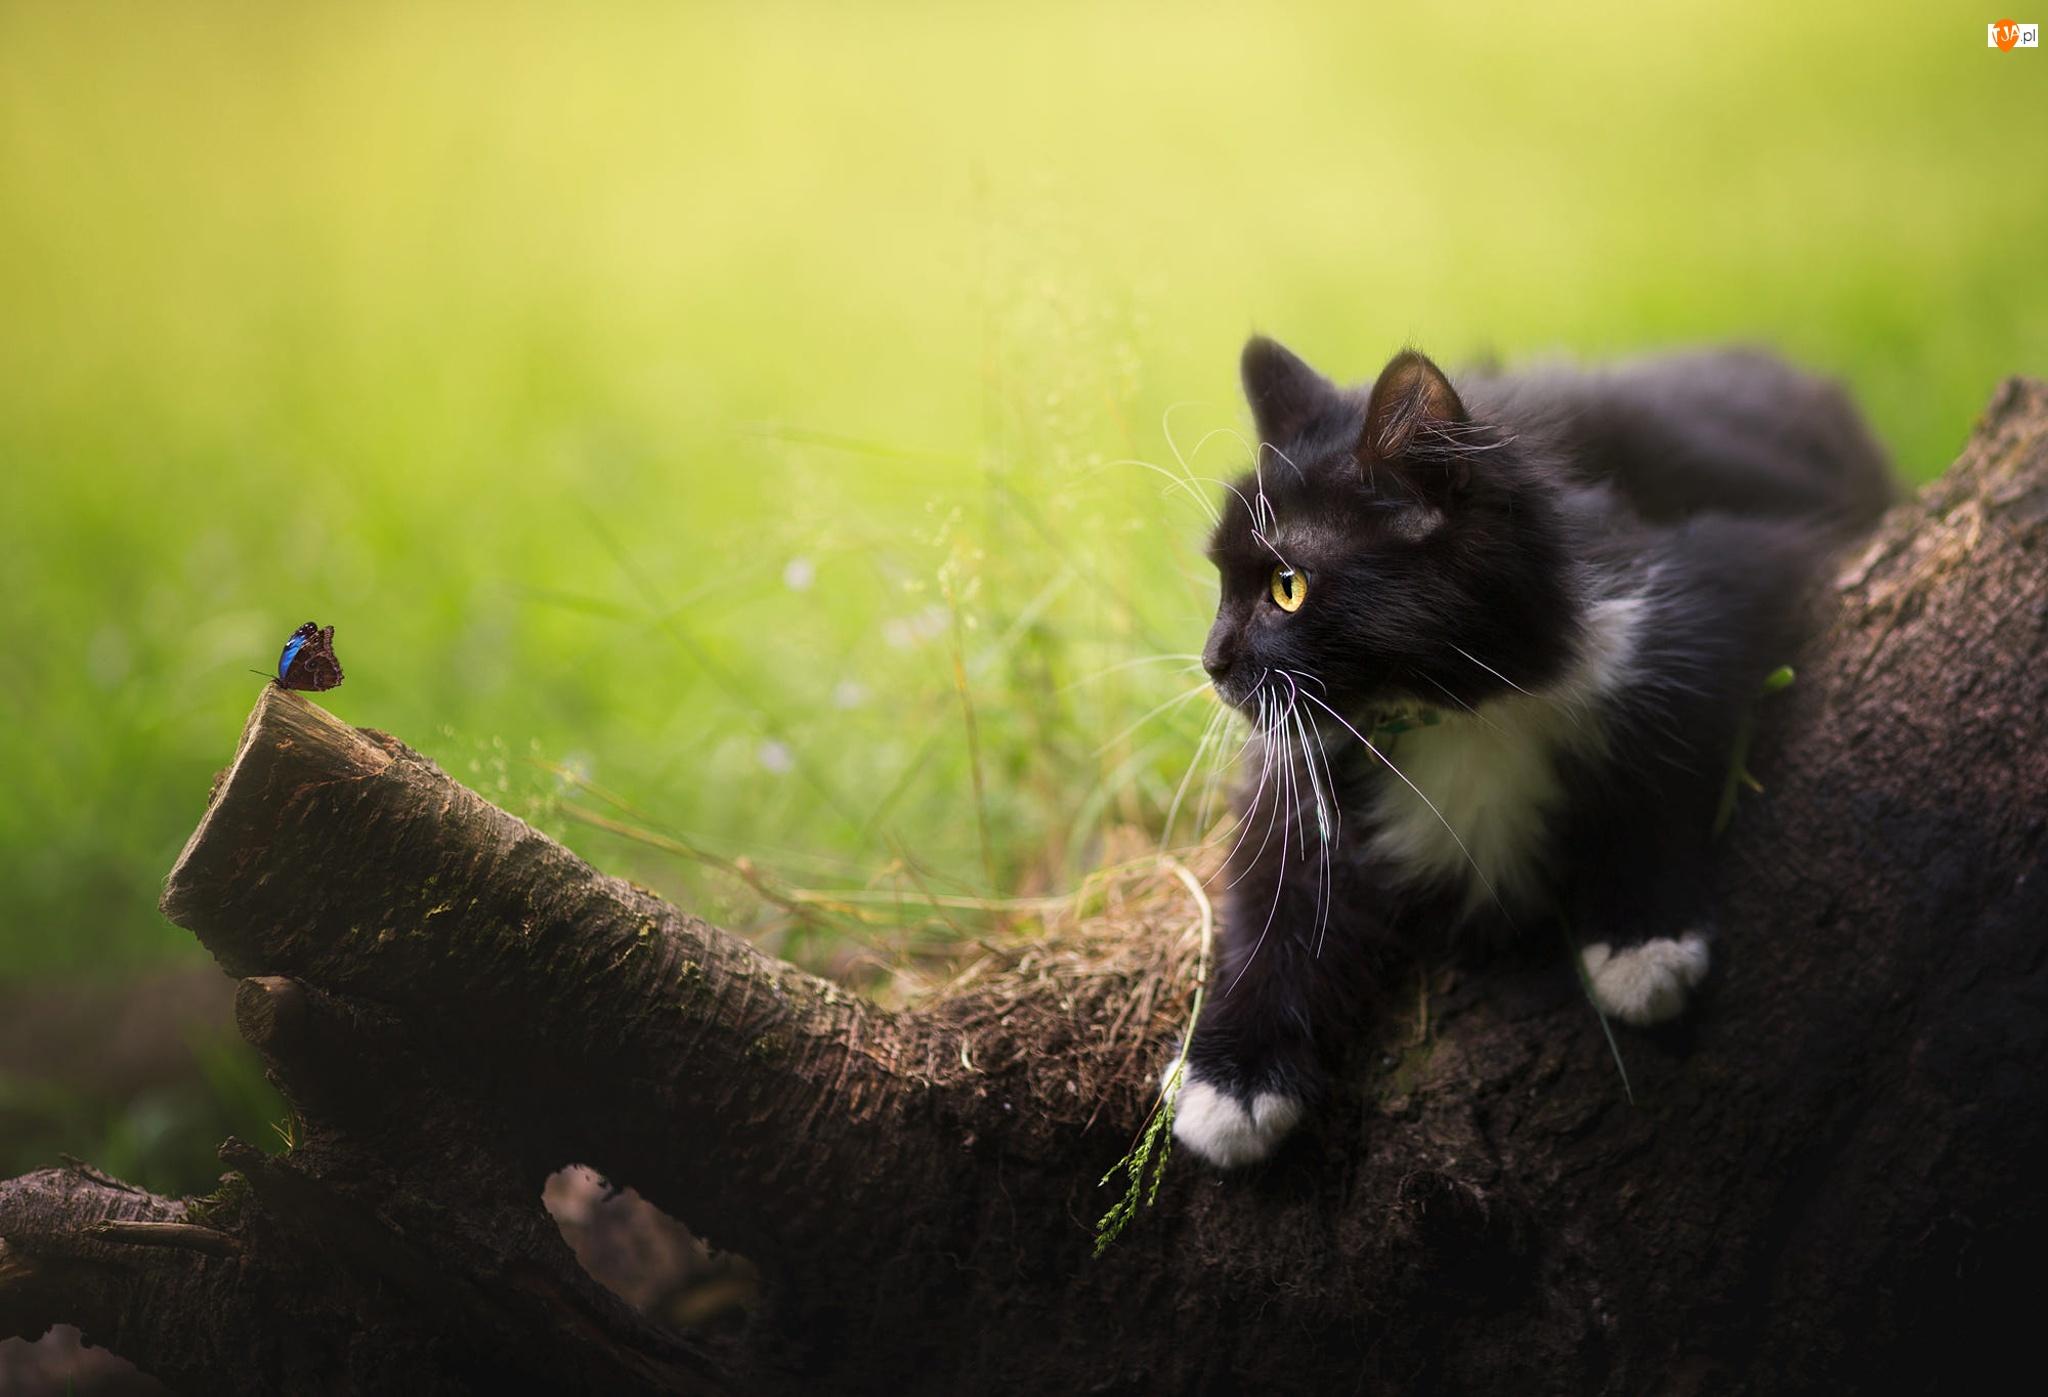 Motyl, Biało-czarny, Kot, Pień